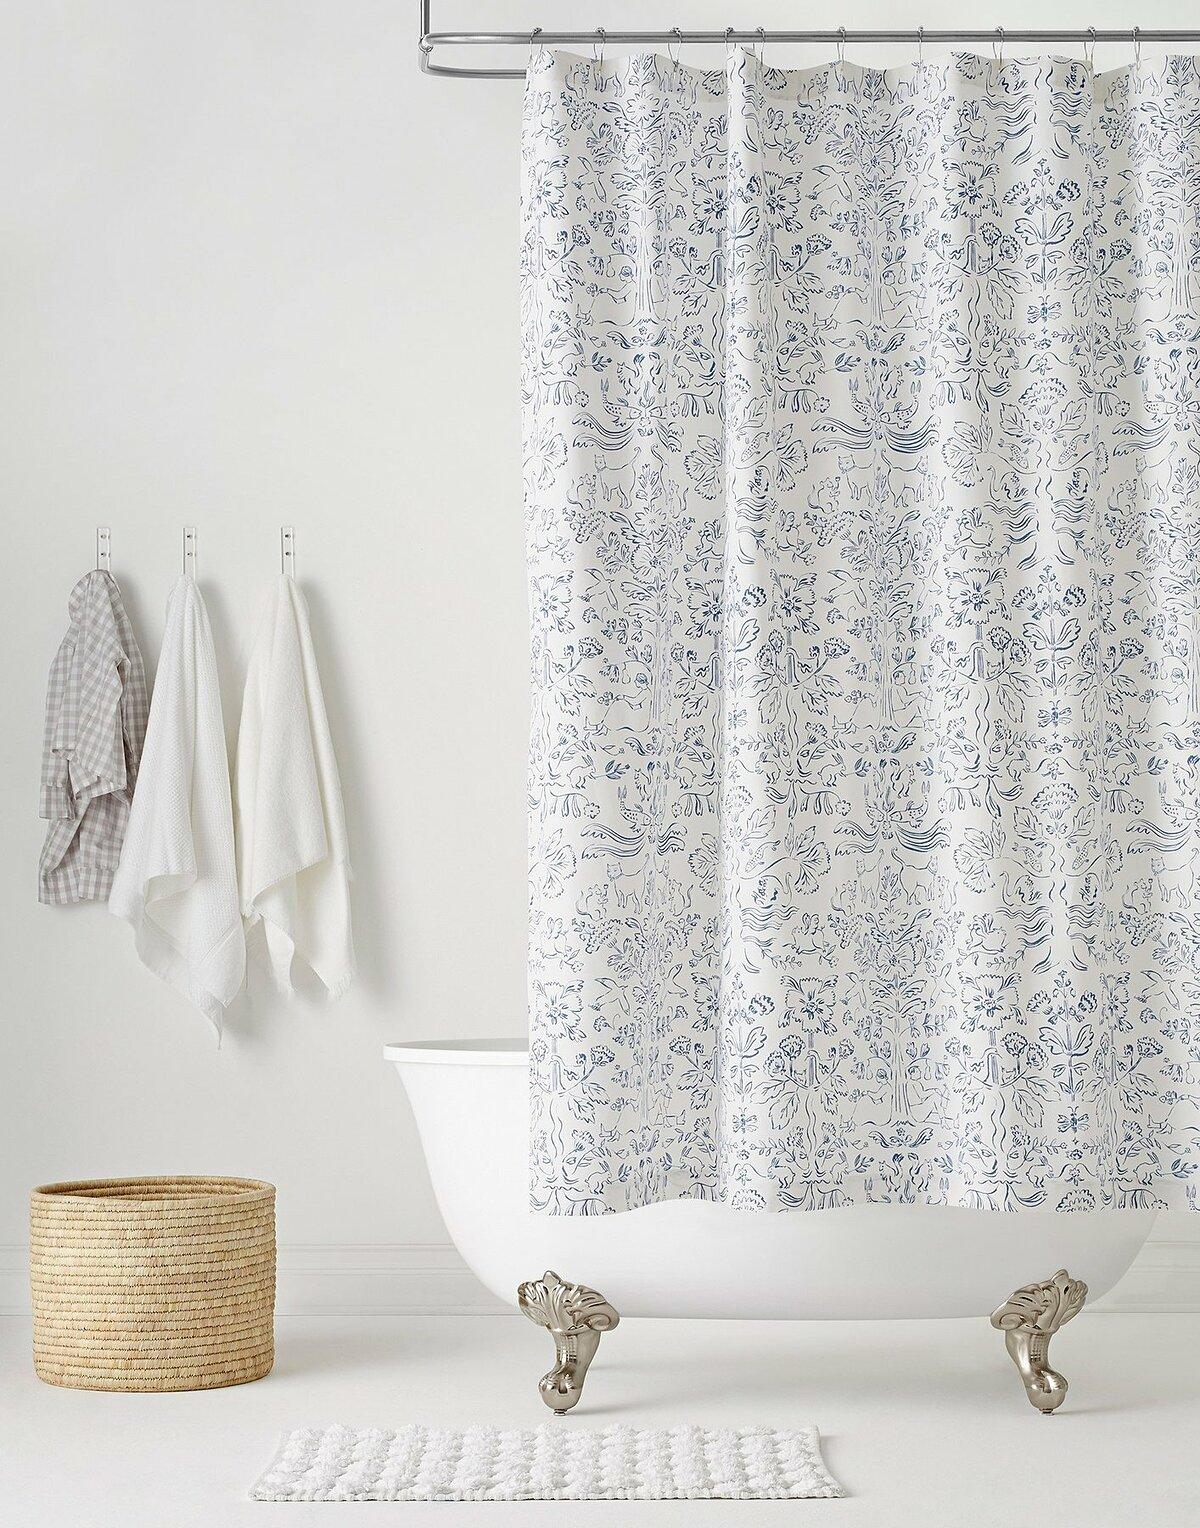 Sử dụng rèm tắm: Rèm tắm dạng lùa sẽ tiết kiệm không gian hơn loại cửa mở ra ngoài thông thường. Đồng thời, cách này có thể ngăn khu vực tắm và vệ sinh, tạo cảm giác riêng tư hơn cho người dùng.